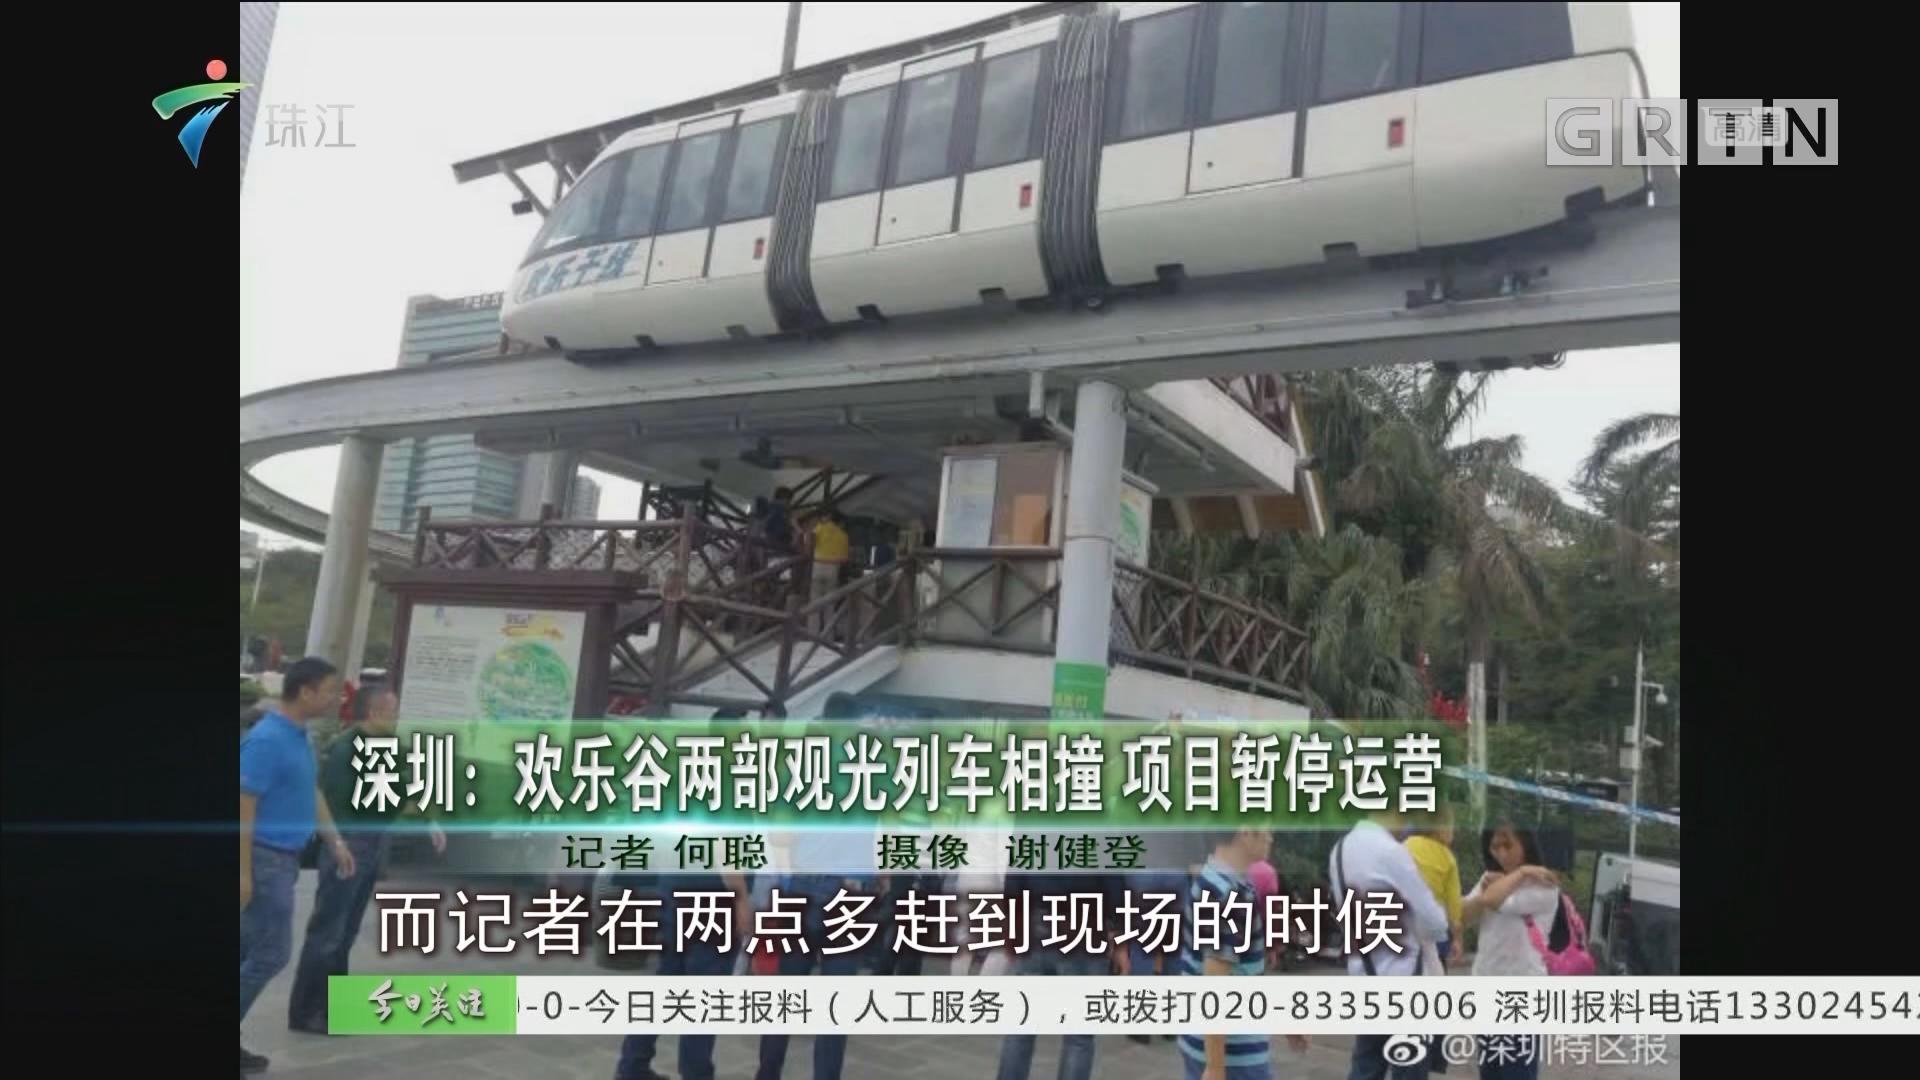 深圳:欢乐谷两部观光列车相撞 项目暂停运营